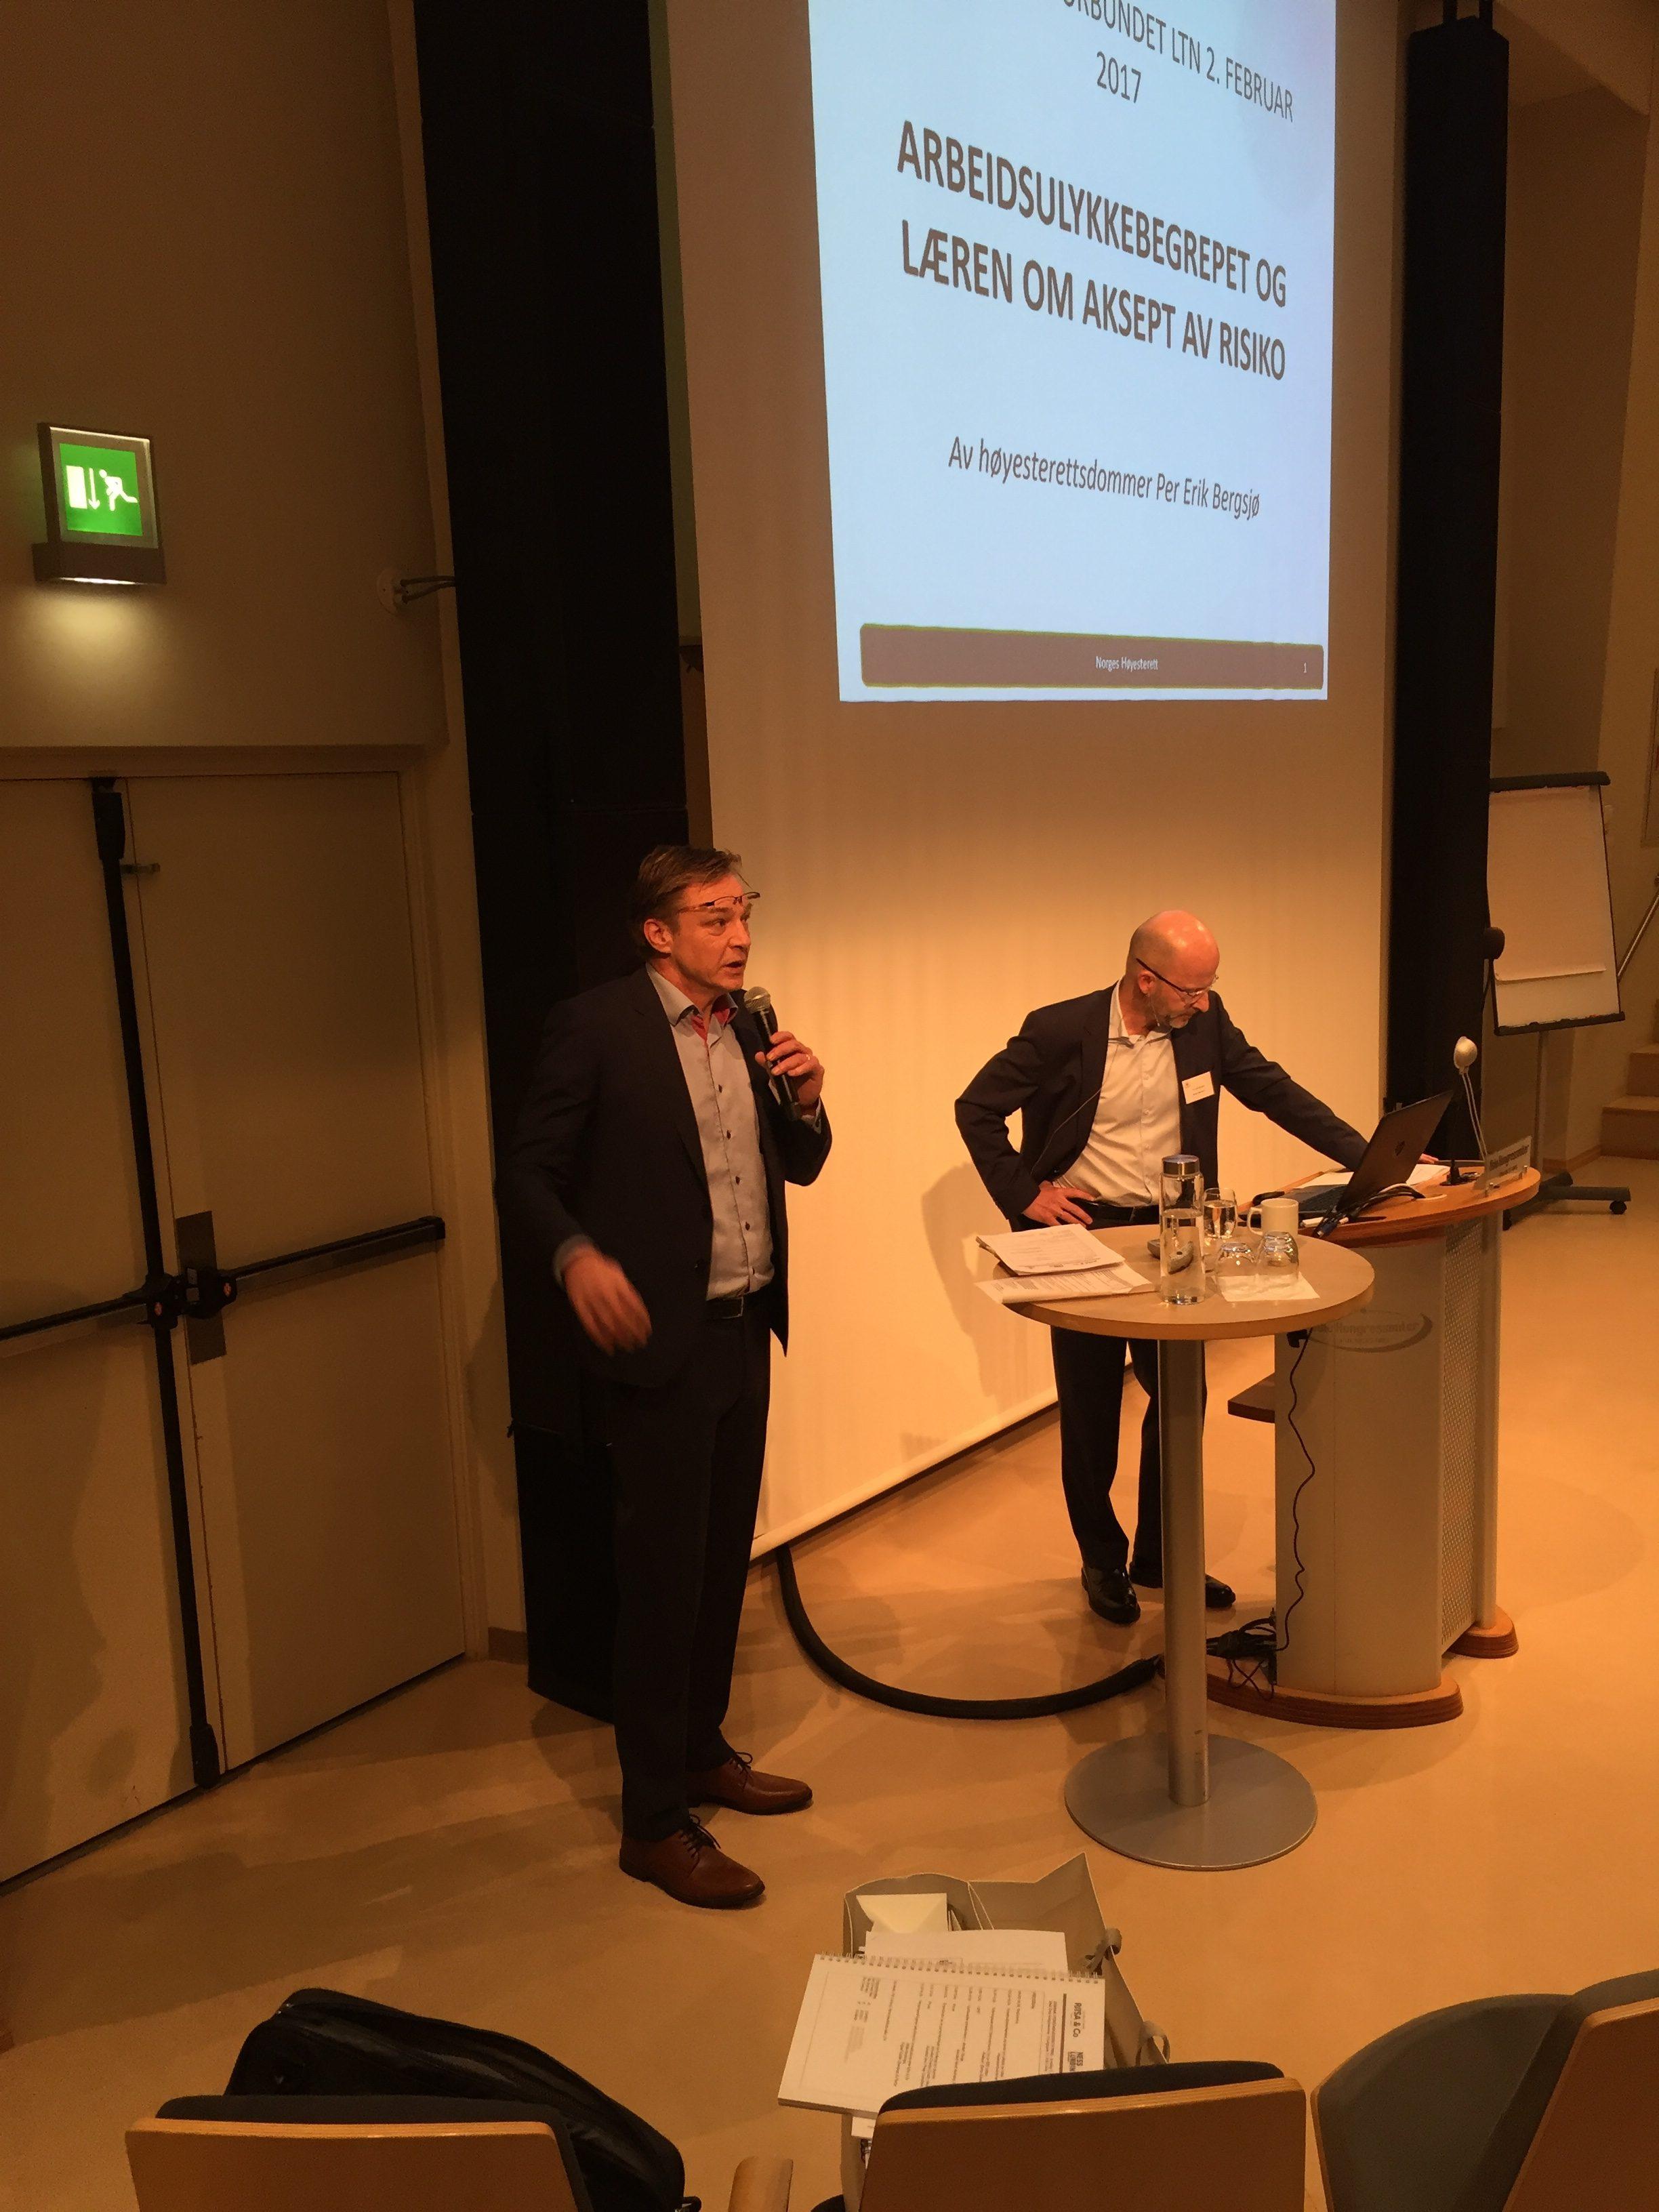 Høyesterettsdommer Per Erik Bergsjø og assisterende generalsekretær i Personskadeforbundet LTN Per Oretorp